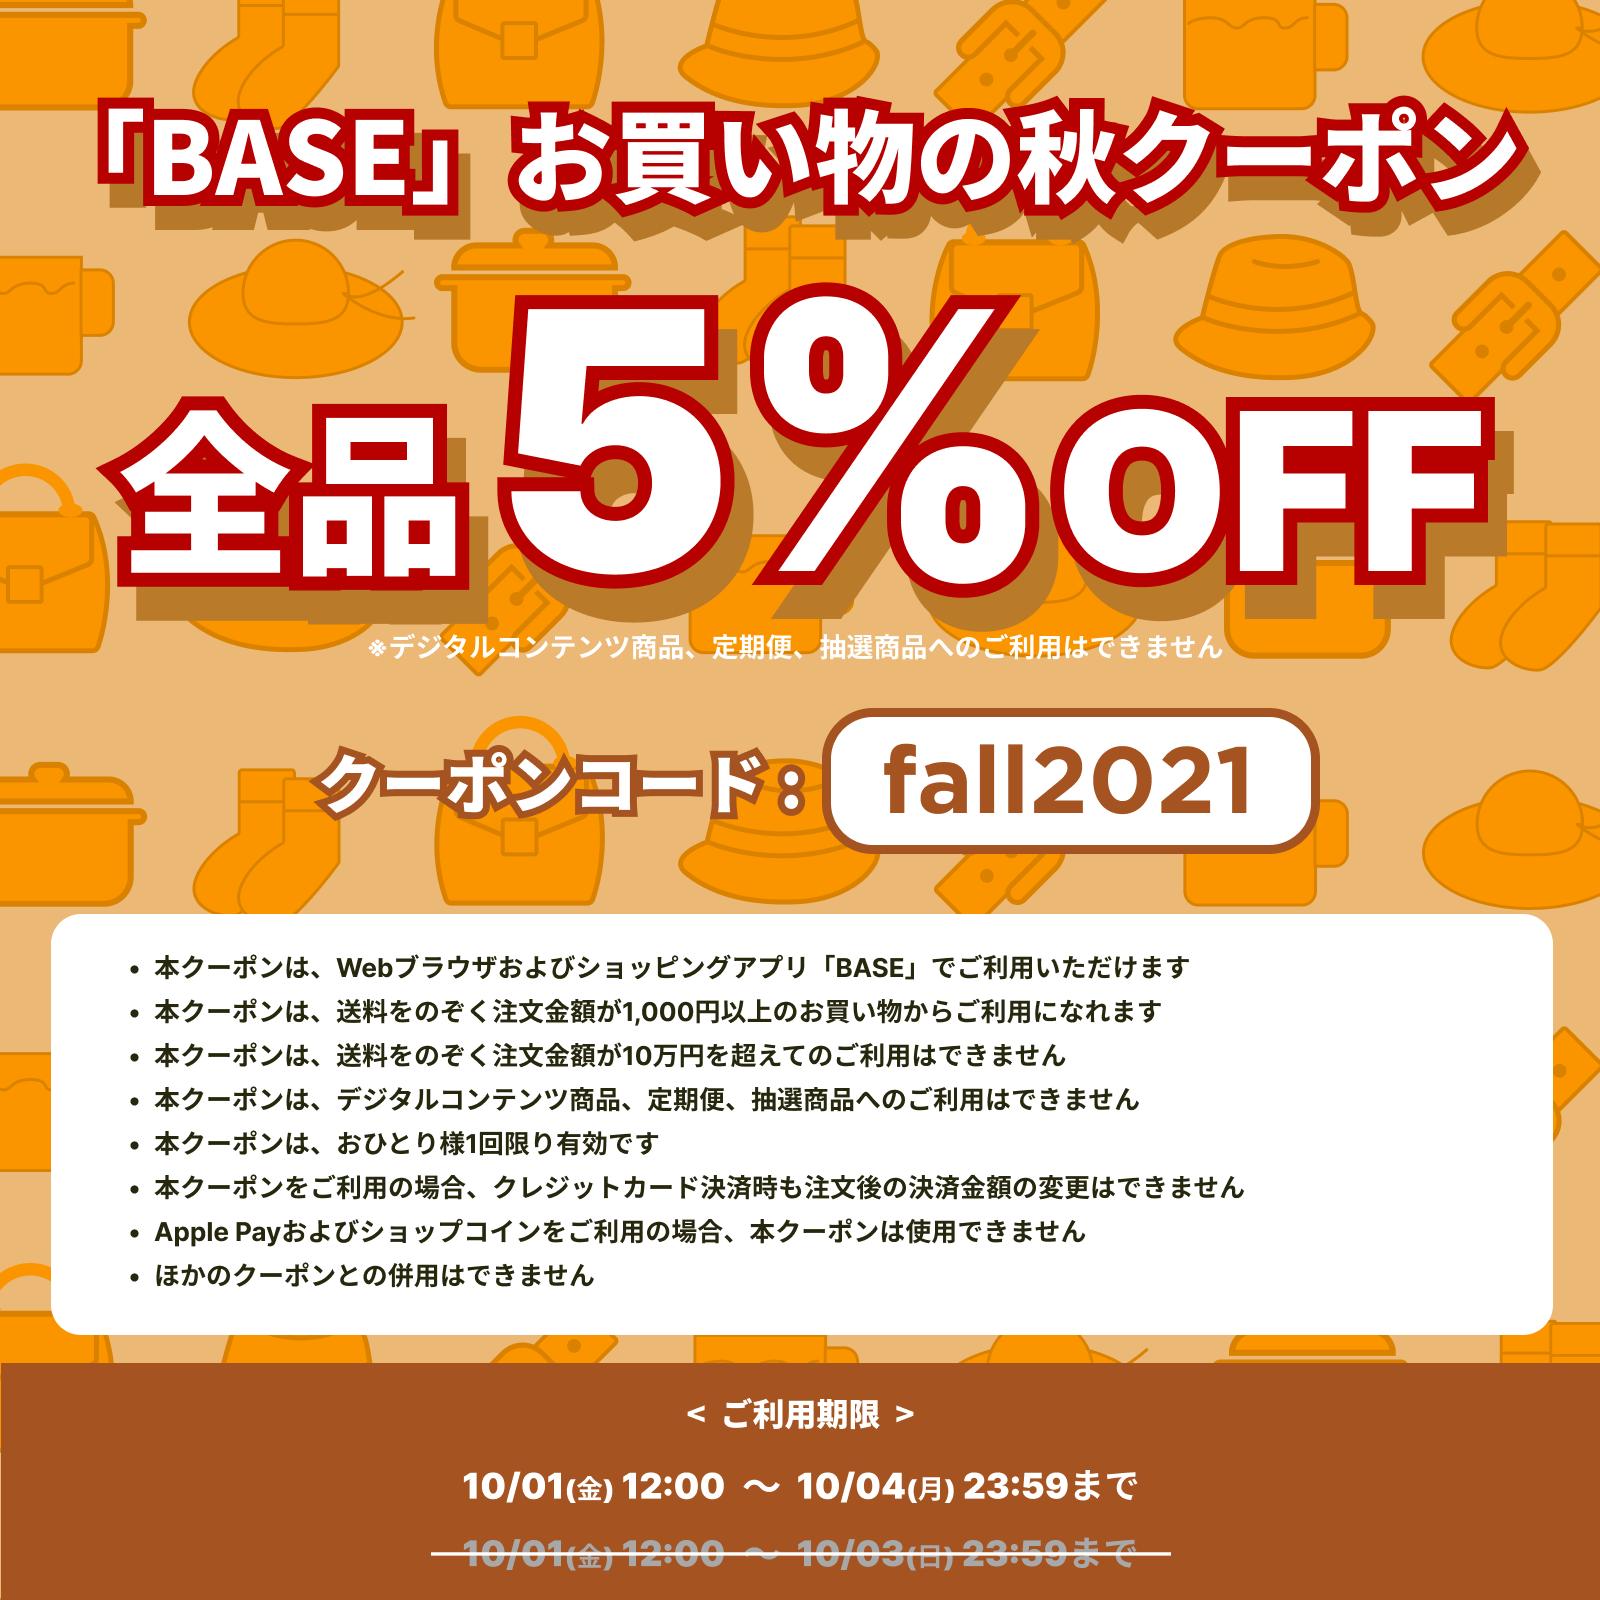 BASE(ベイス)クーポン最新情報!【2021年 秋のお買い物クーポン】